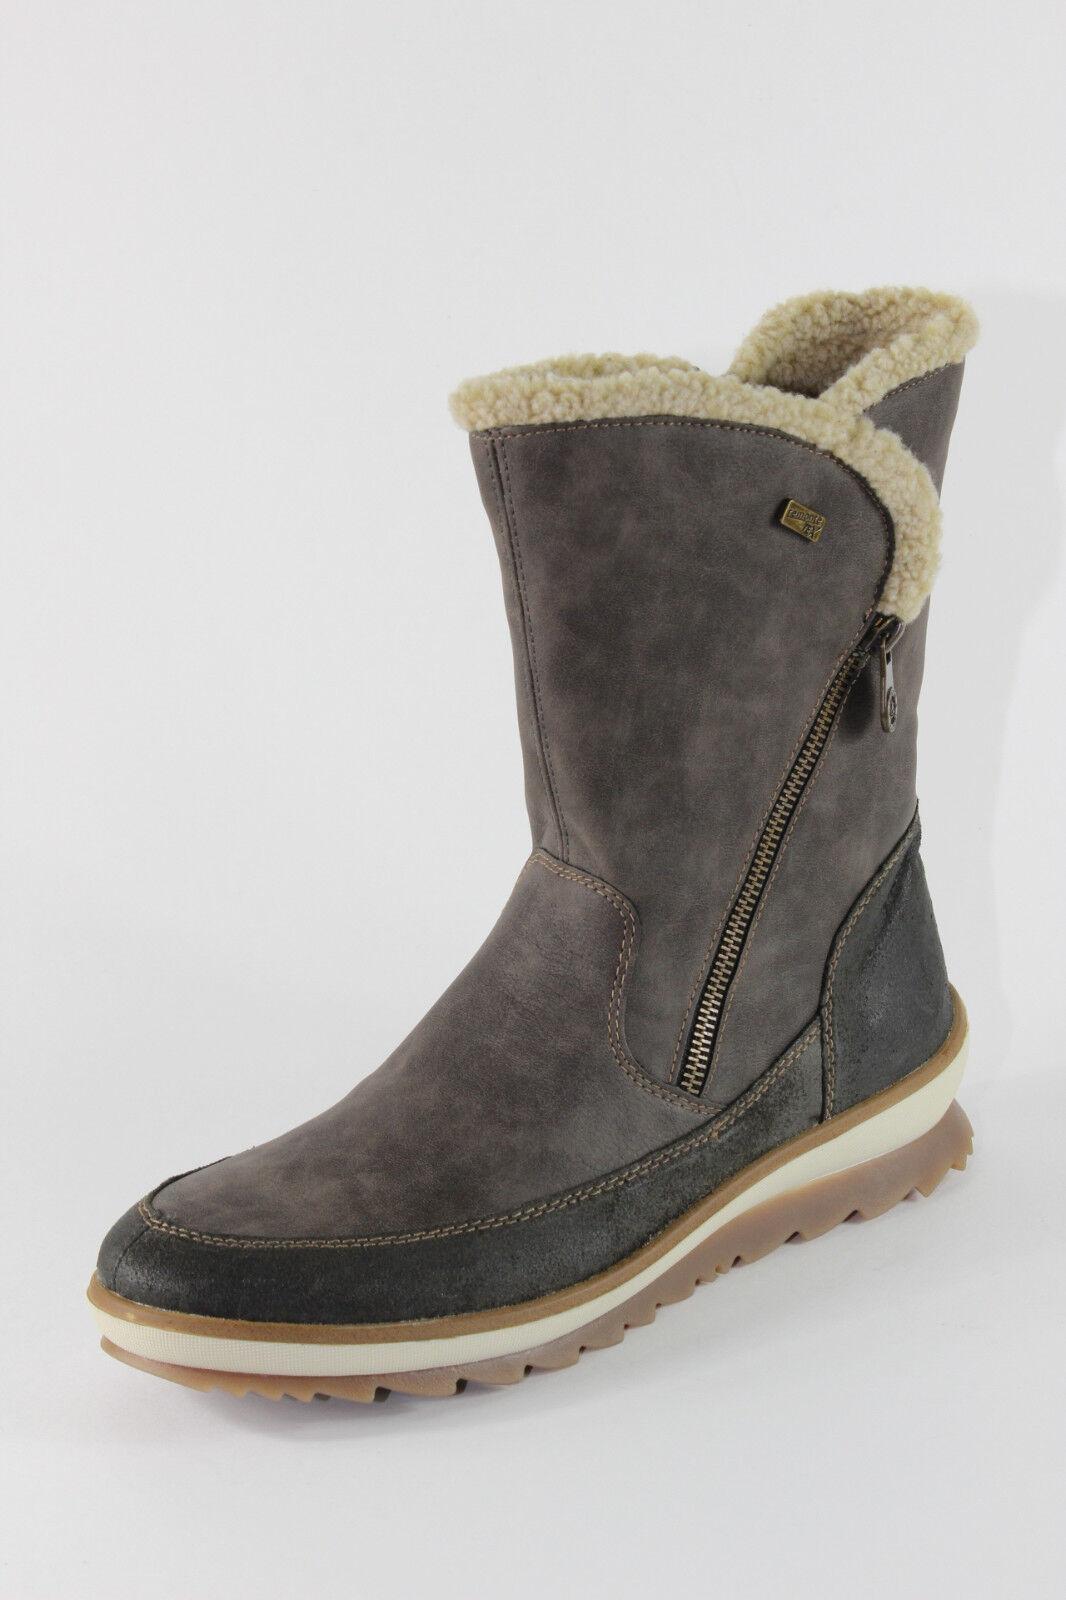 Remonte R4374-45, halbhohe Stiefel mit Lammwolle, Damenschuhe *Übergröße*